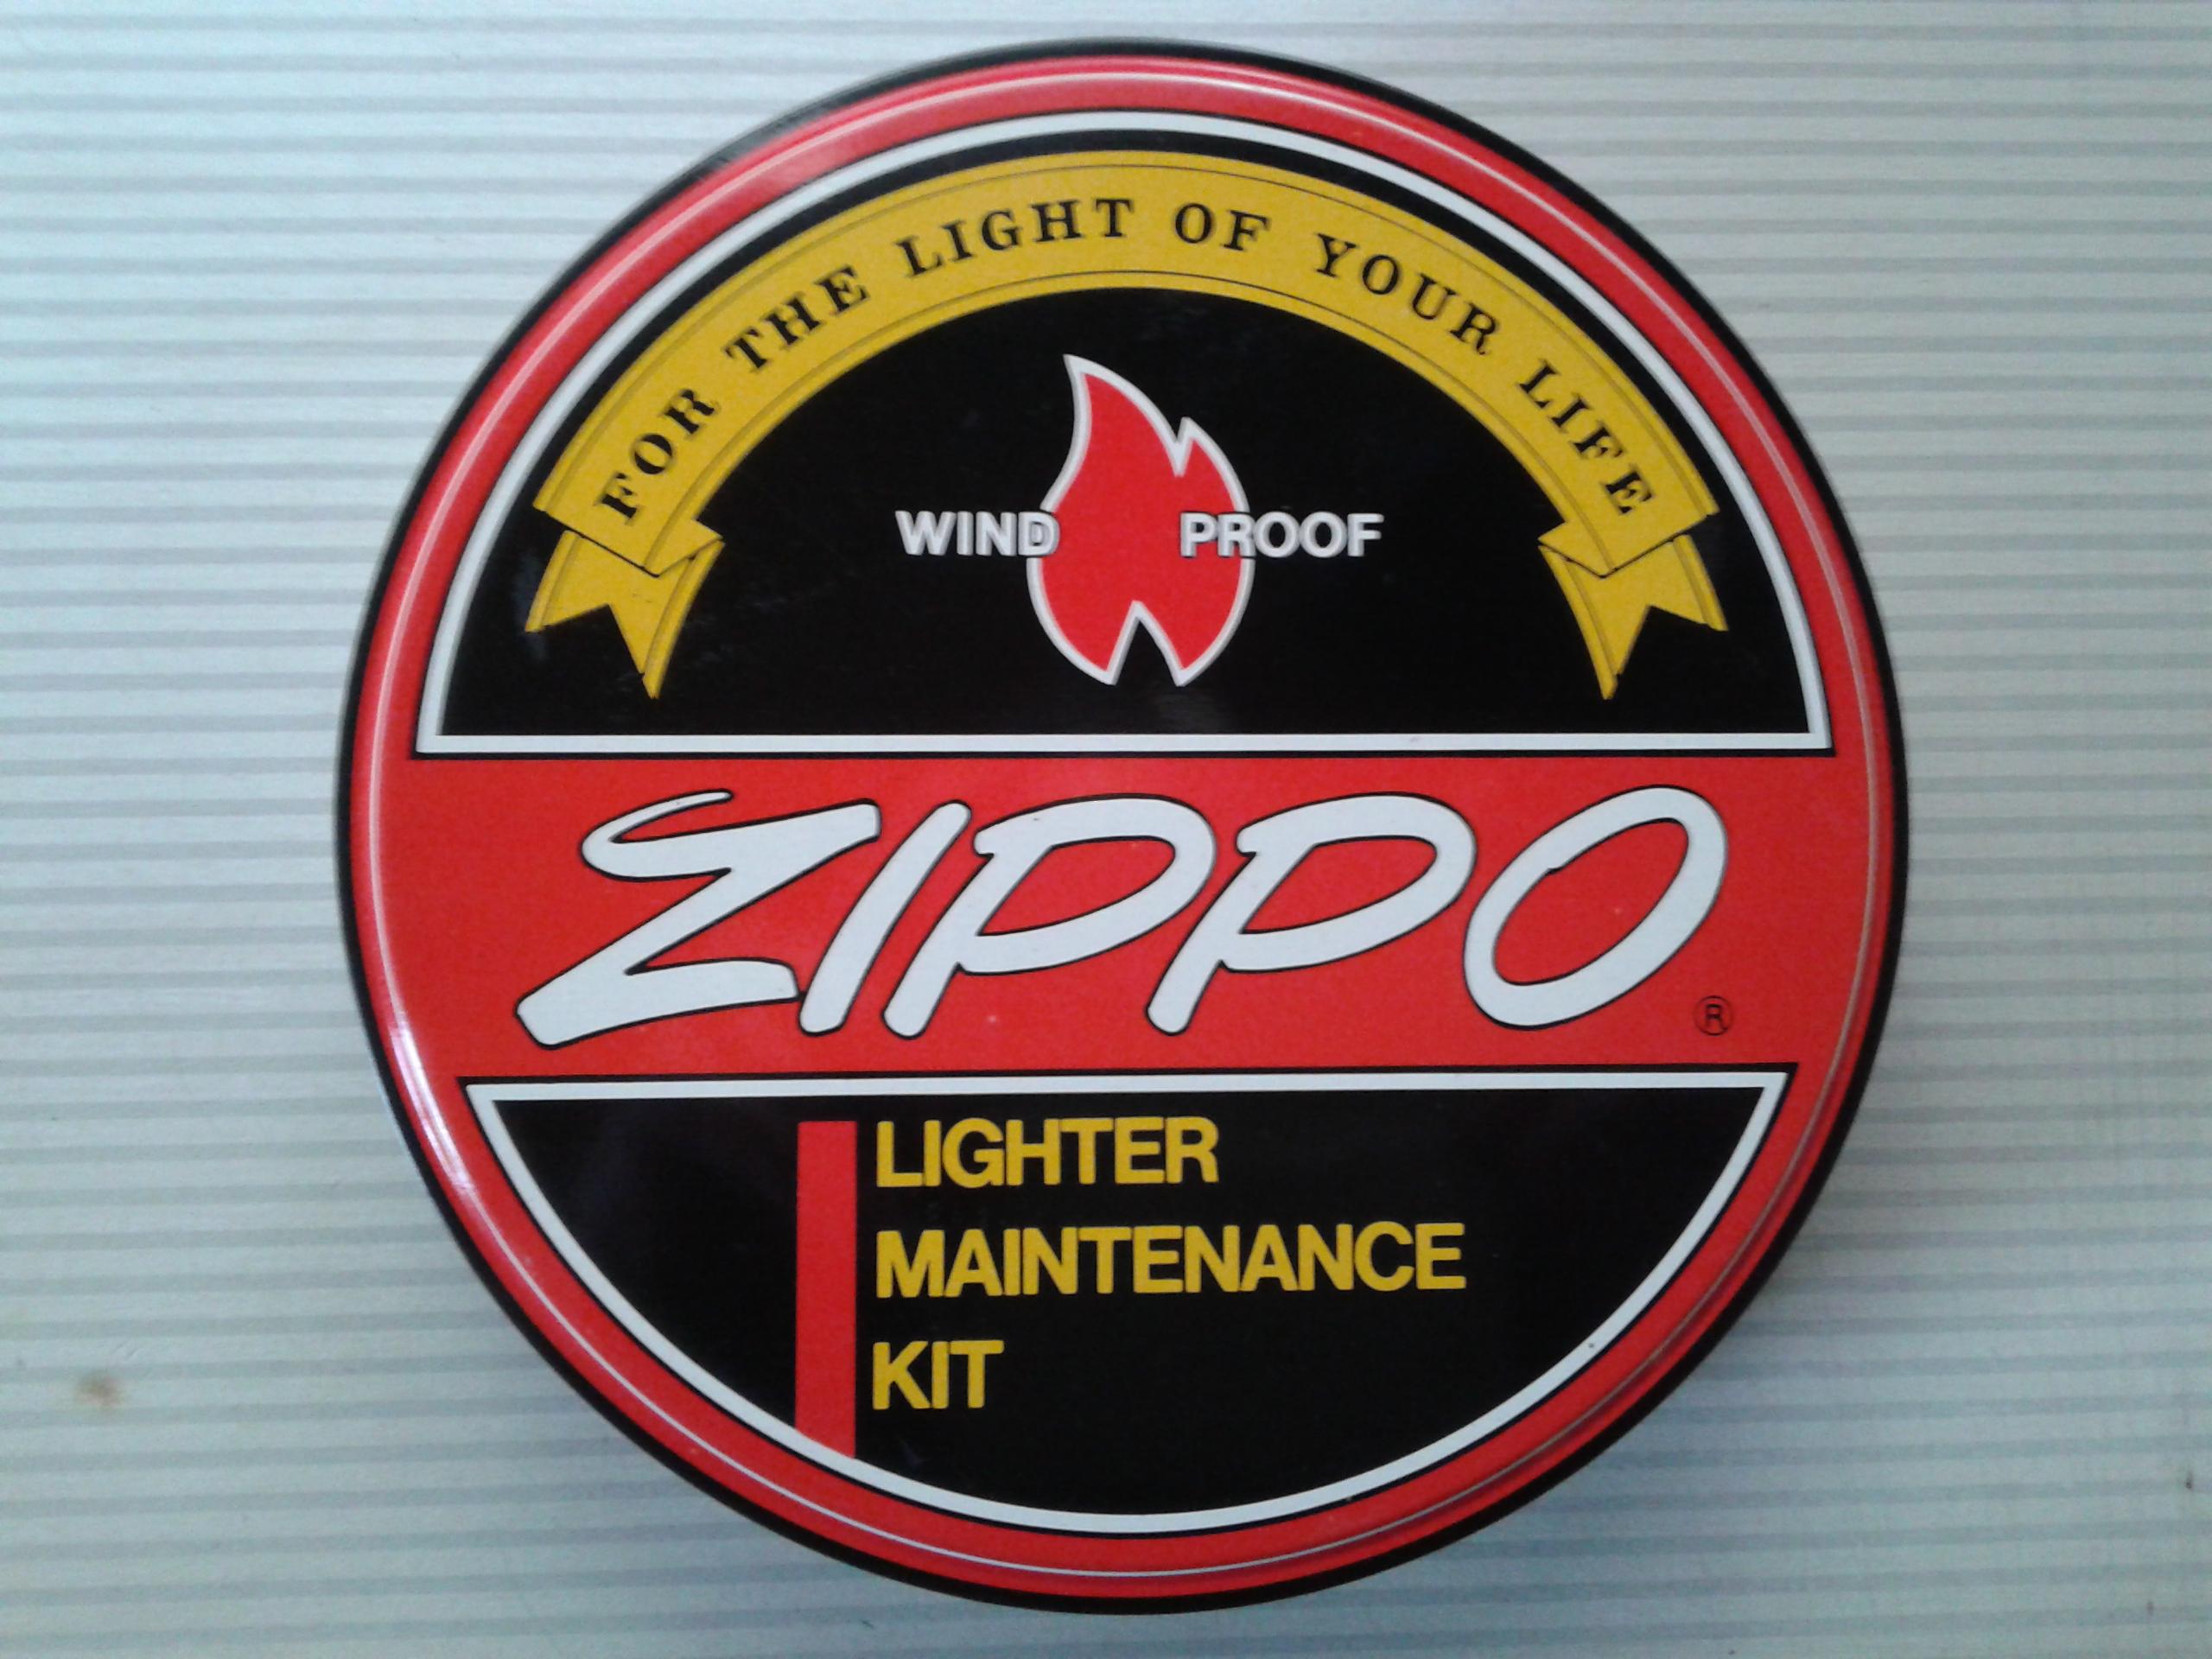 Les boites Zippo au fil du temps - Page 2 715095Maintenancekit2